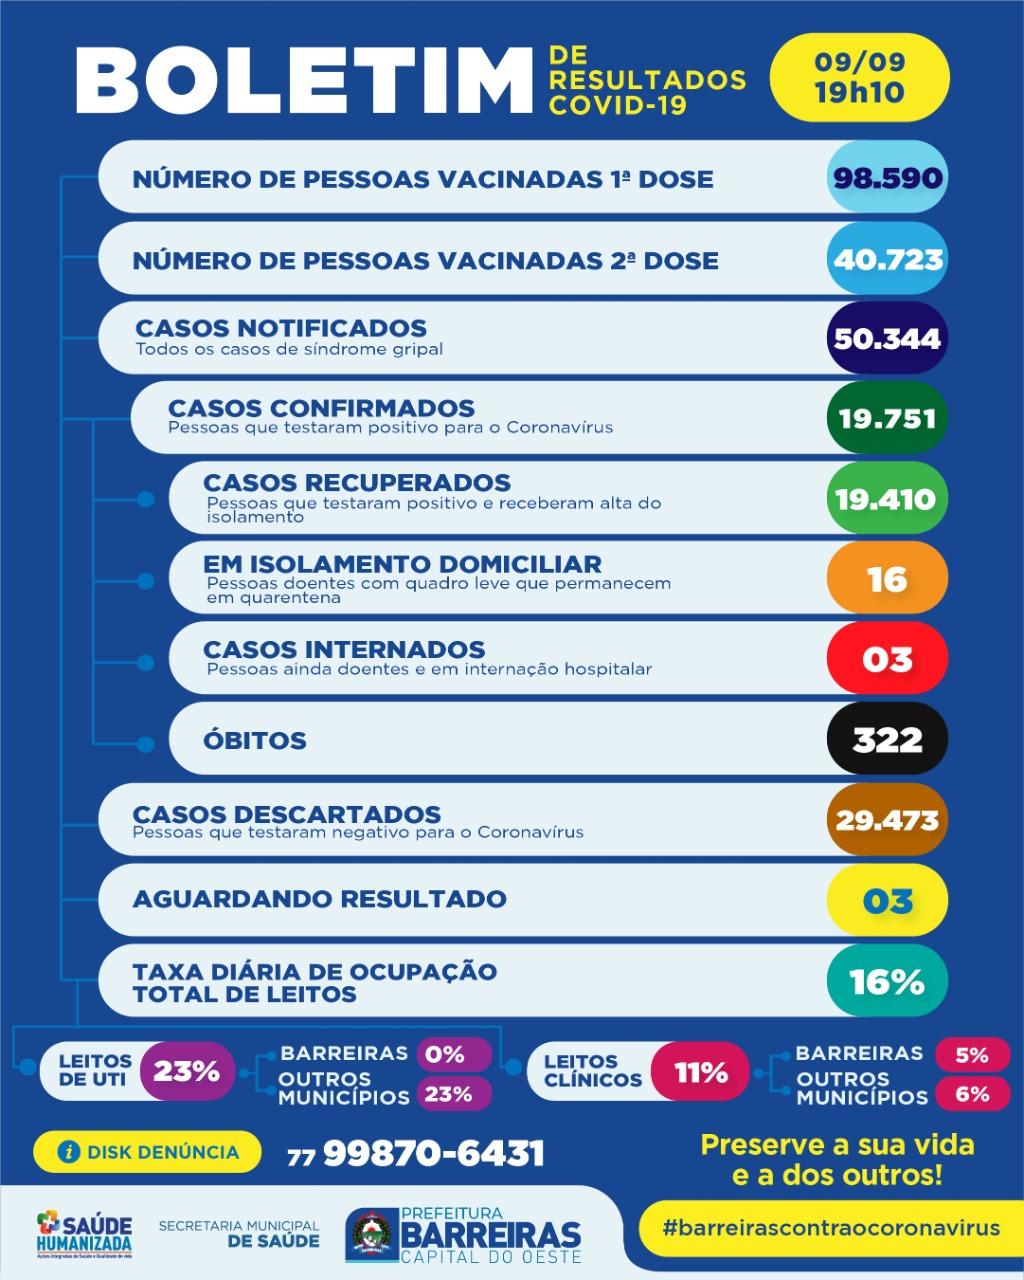 Covid-19 em Barreiras: Confira os números do boletim desta quinta-feira, 09